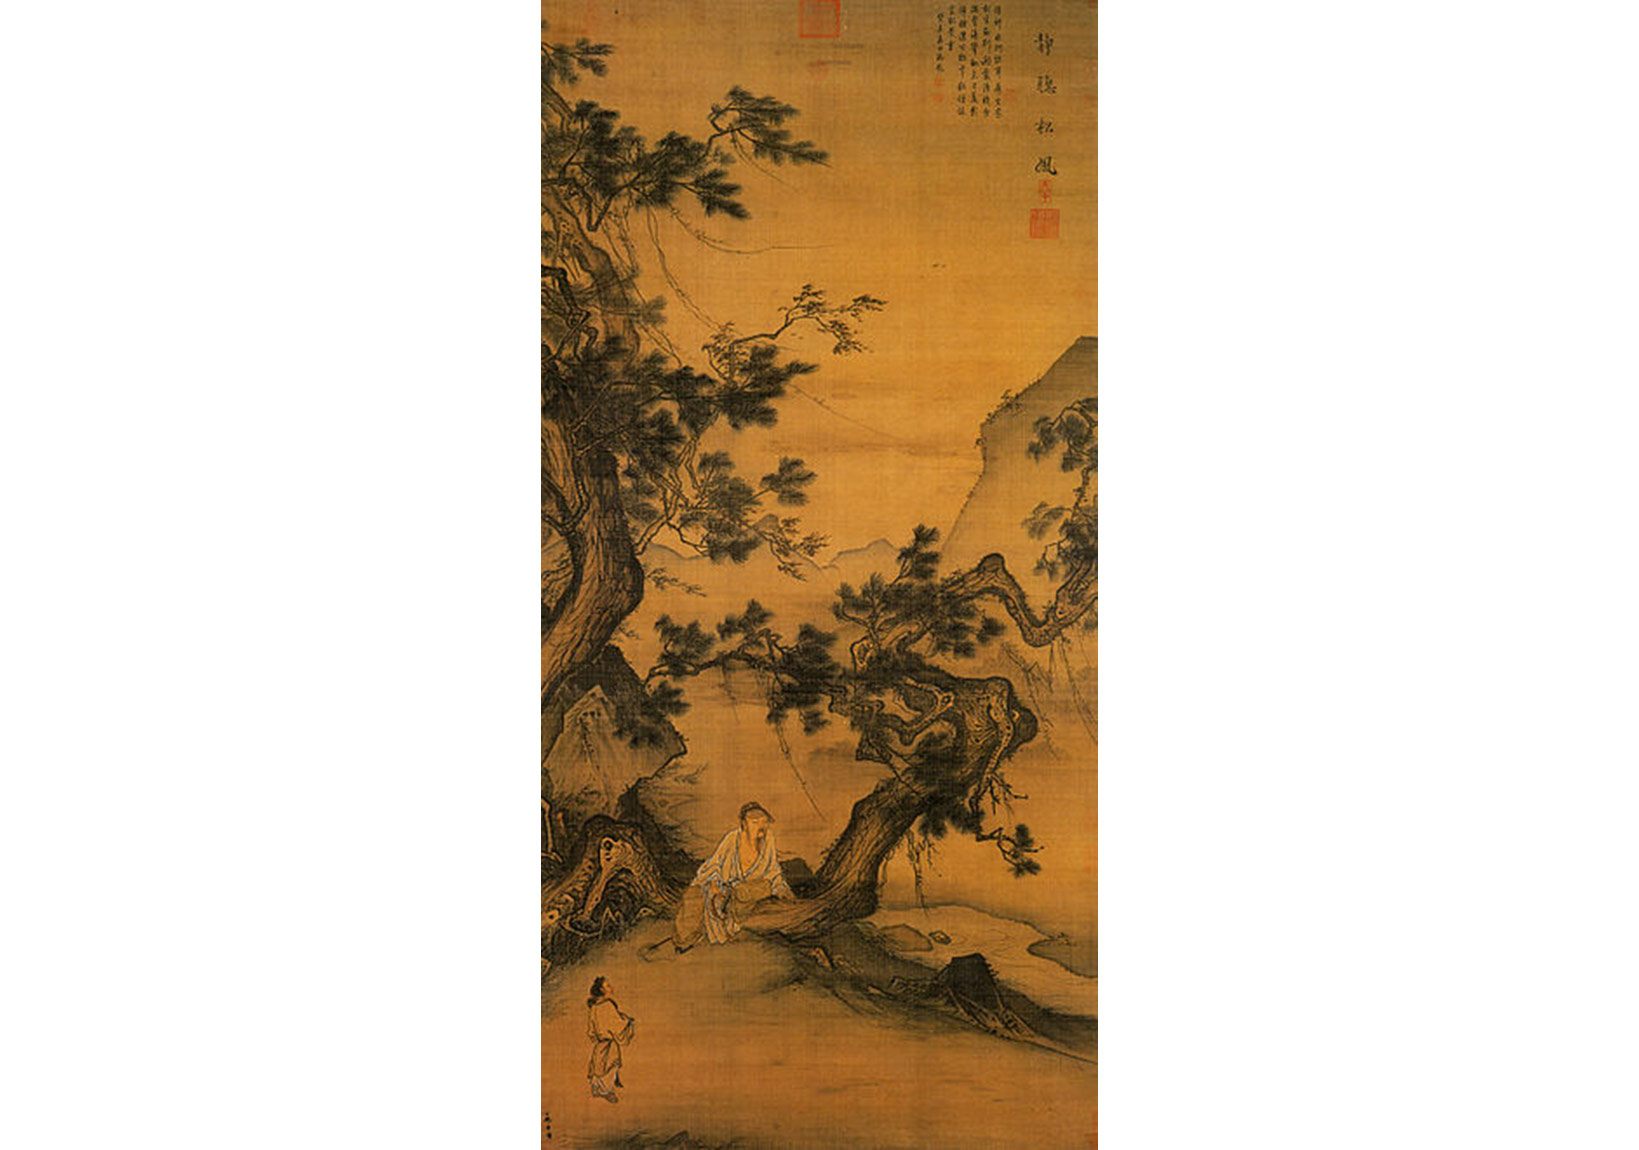 Ma Lin, 1246 civarı, 226.6x110.3 cm.